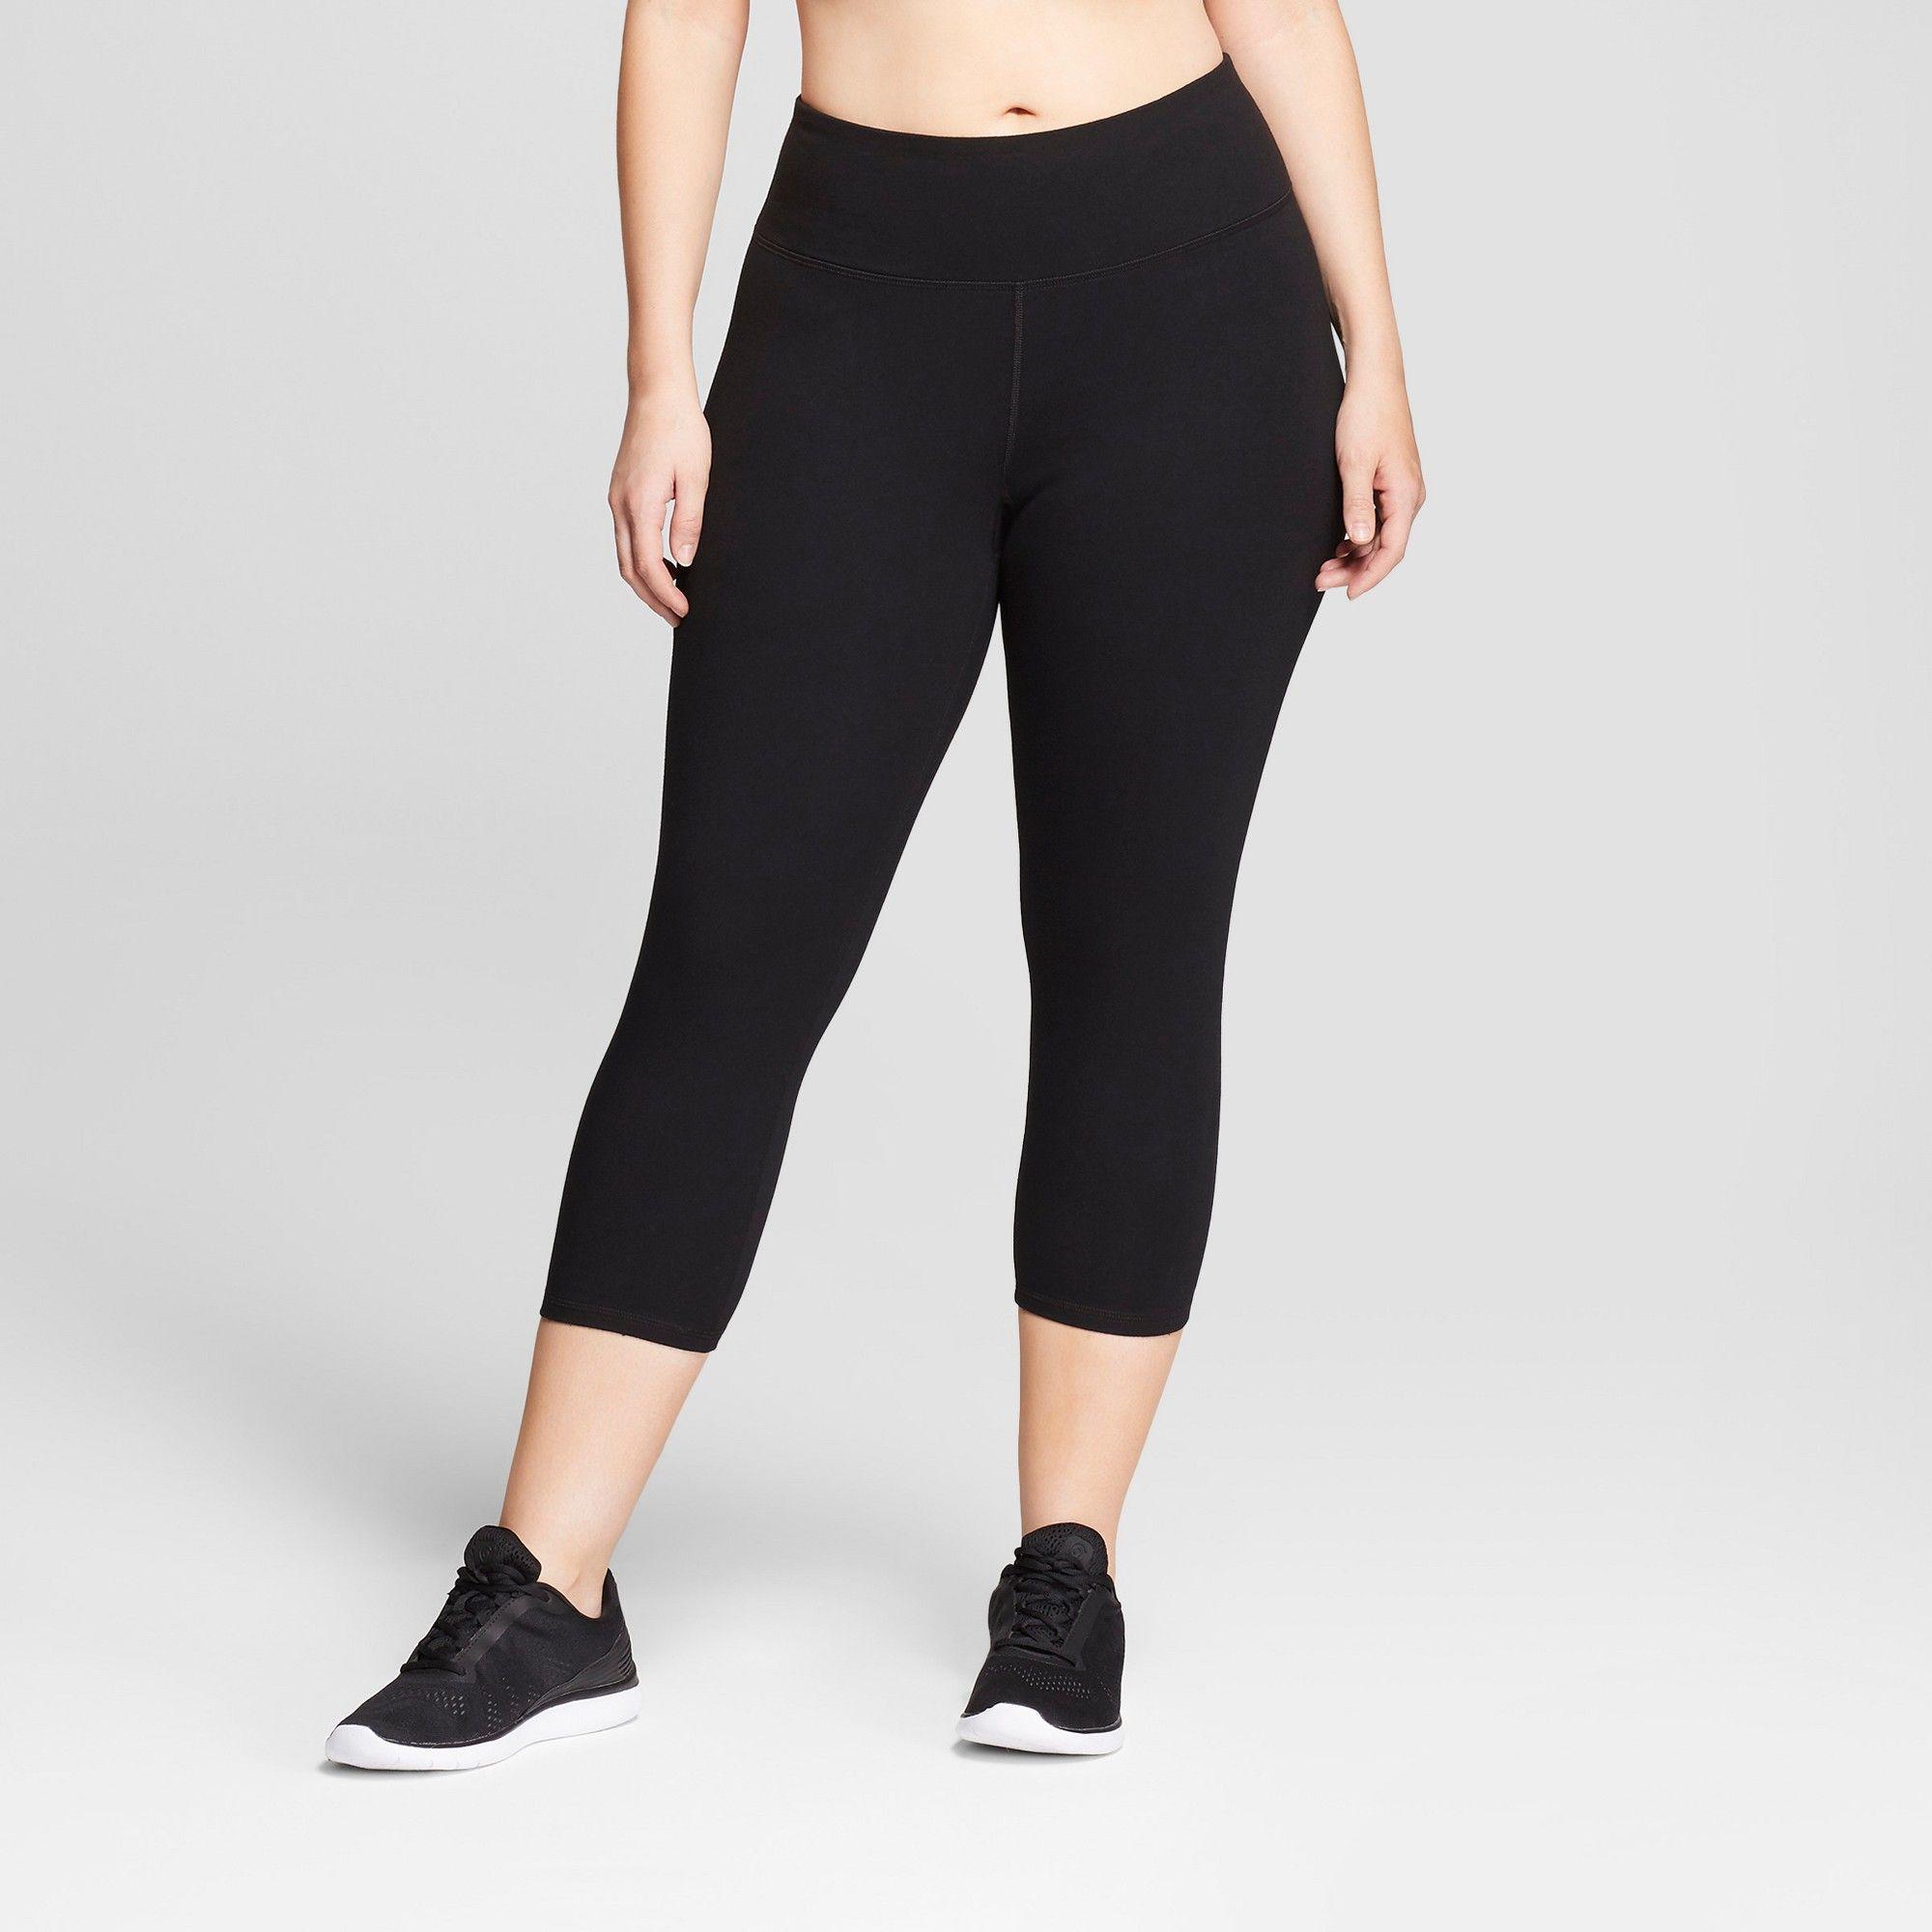 d4145188a510 Women s Plus Size Cotton Spandex Capri Leggings - C9 Champion Black ...